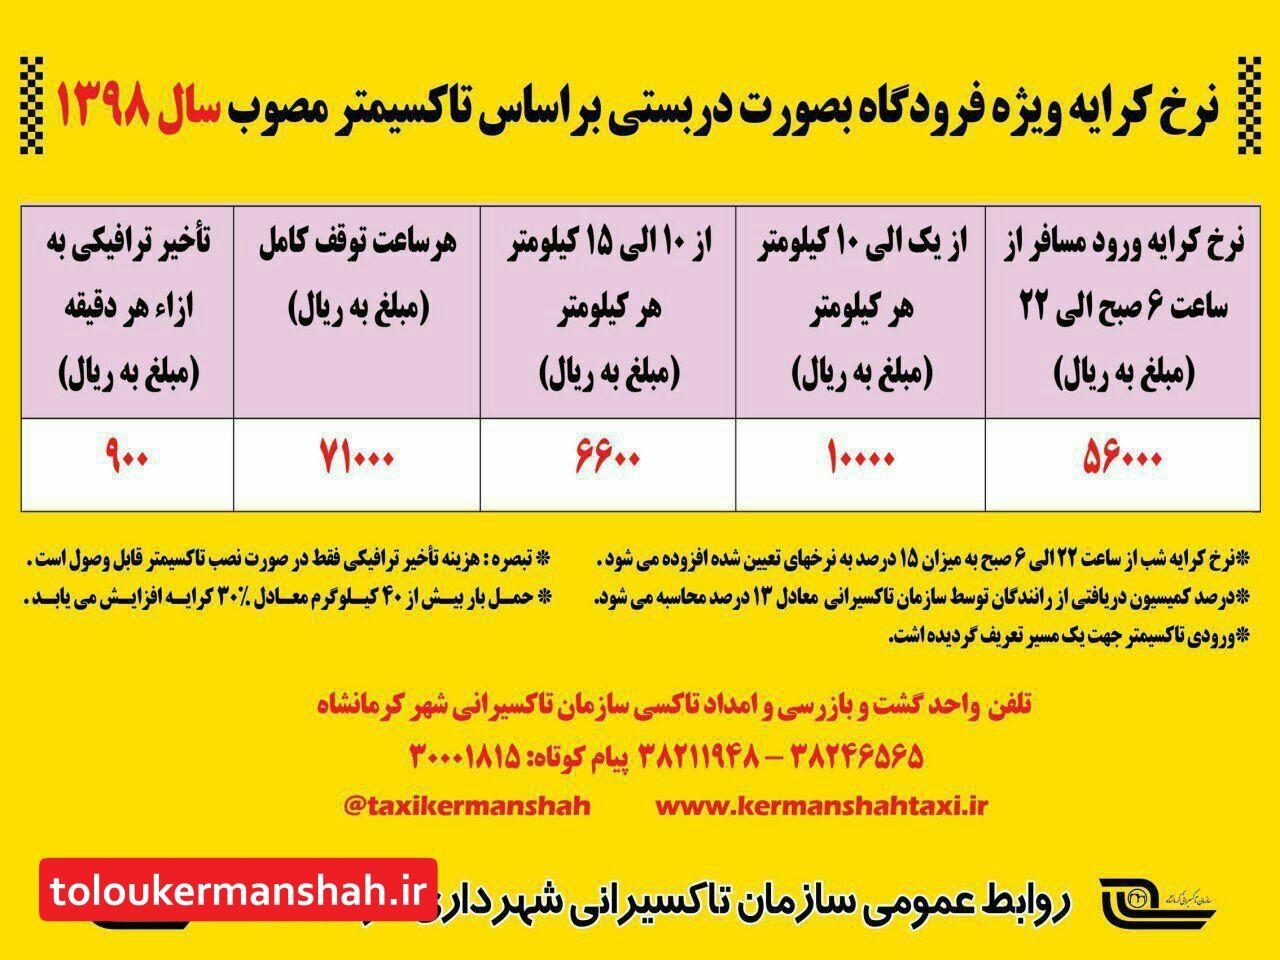 فعالیت شبانه روزی ۶۰دستگاه تاکسی در فرودگاه کرمانشاه برای جابه جایی مسافران